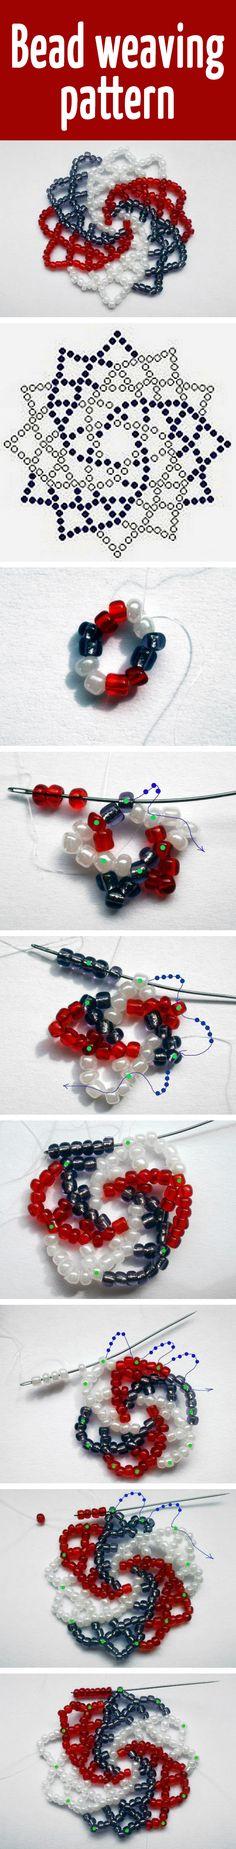 Bead weaving pattern